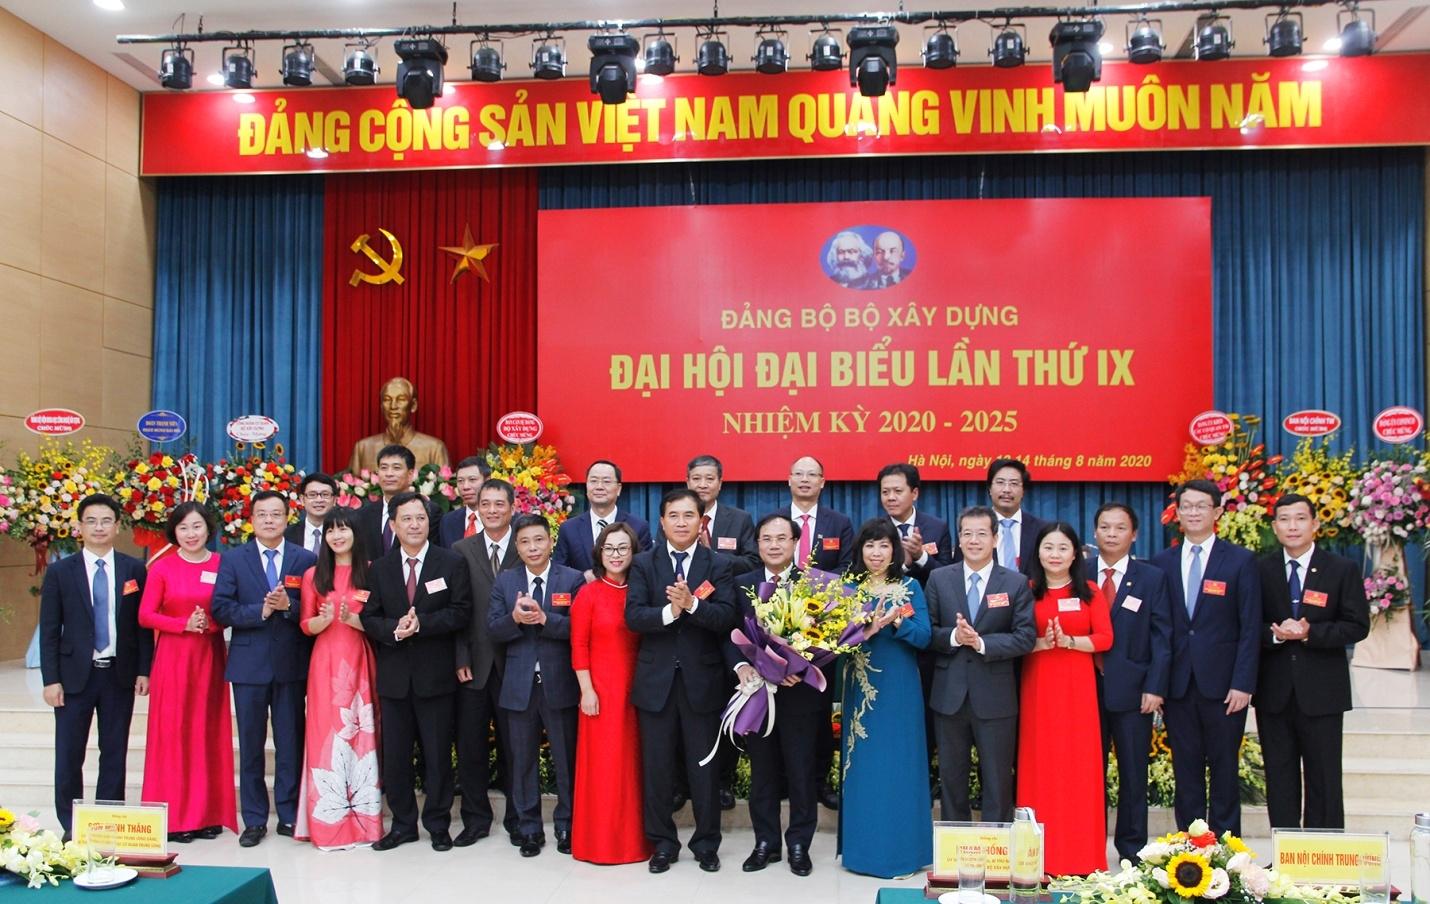 Thứ trưởng Nguyễn Văn Sinh làm Bí thư Đảng ủy Bộ Xây dựng nhiệm kỳ 2020 - 2025